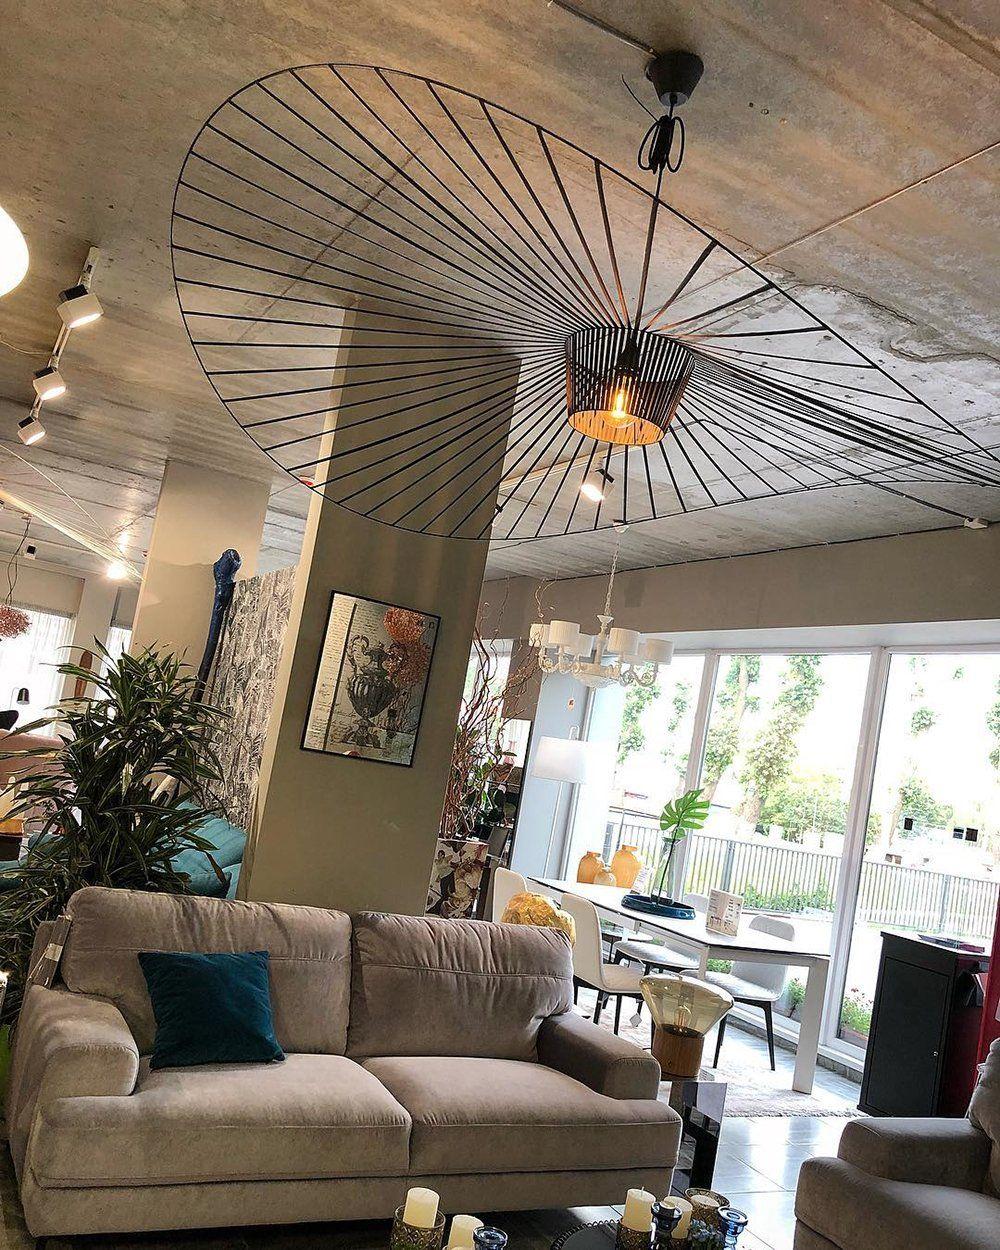 Vertigo Pendant Lamp La Suspension Constance Guisset Est Un Luminaire Mooielight With Images Lamps Living Room Pendant Lamp Room Lamp